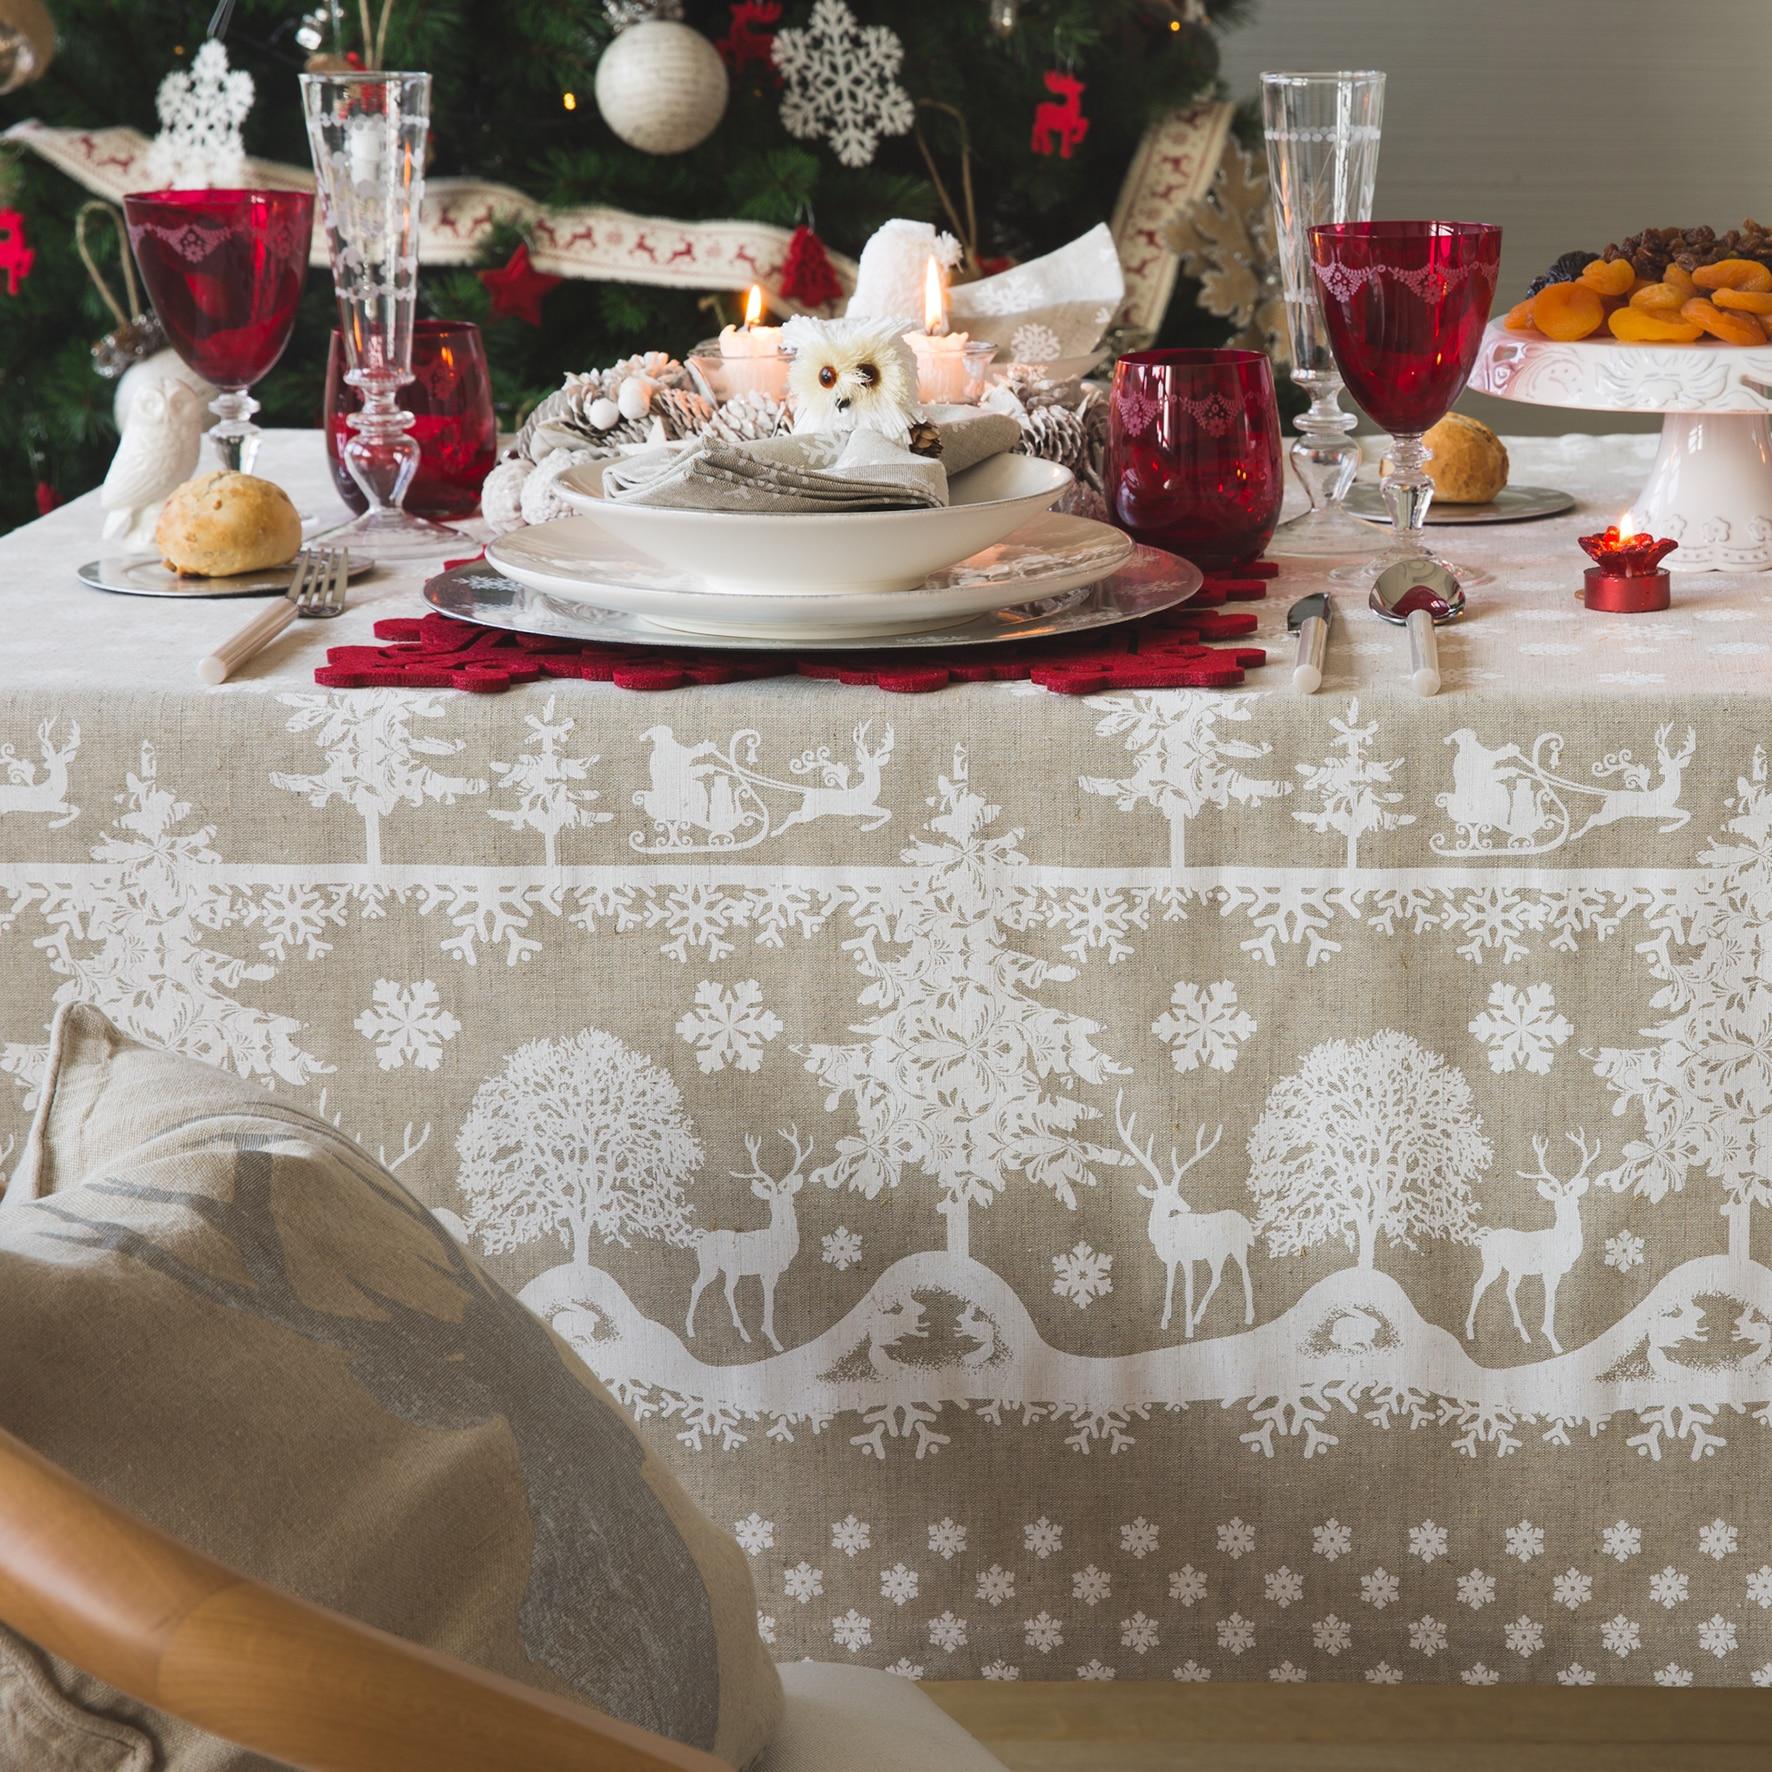 Idee per apparecchiare la tavola di Natale rustica